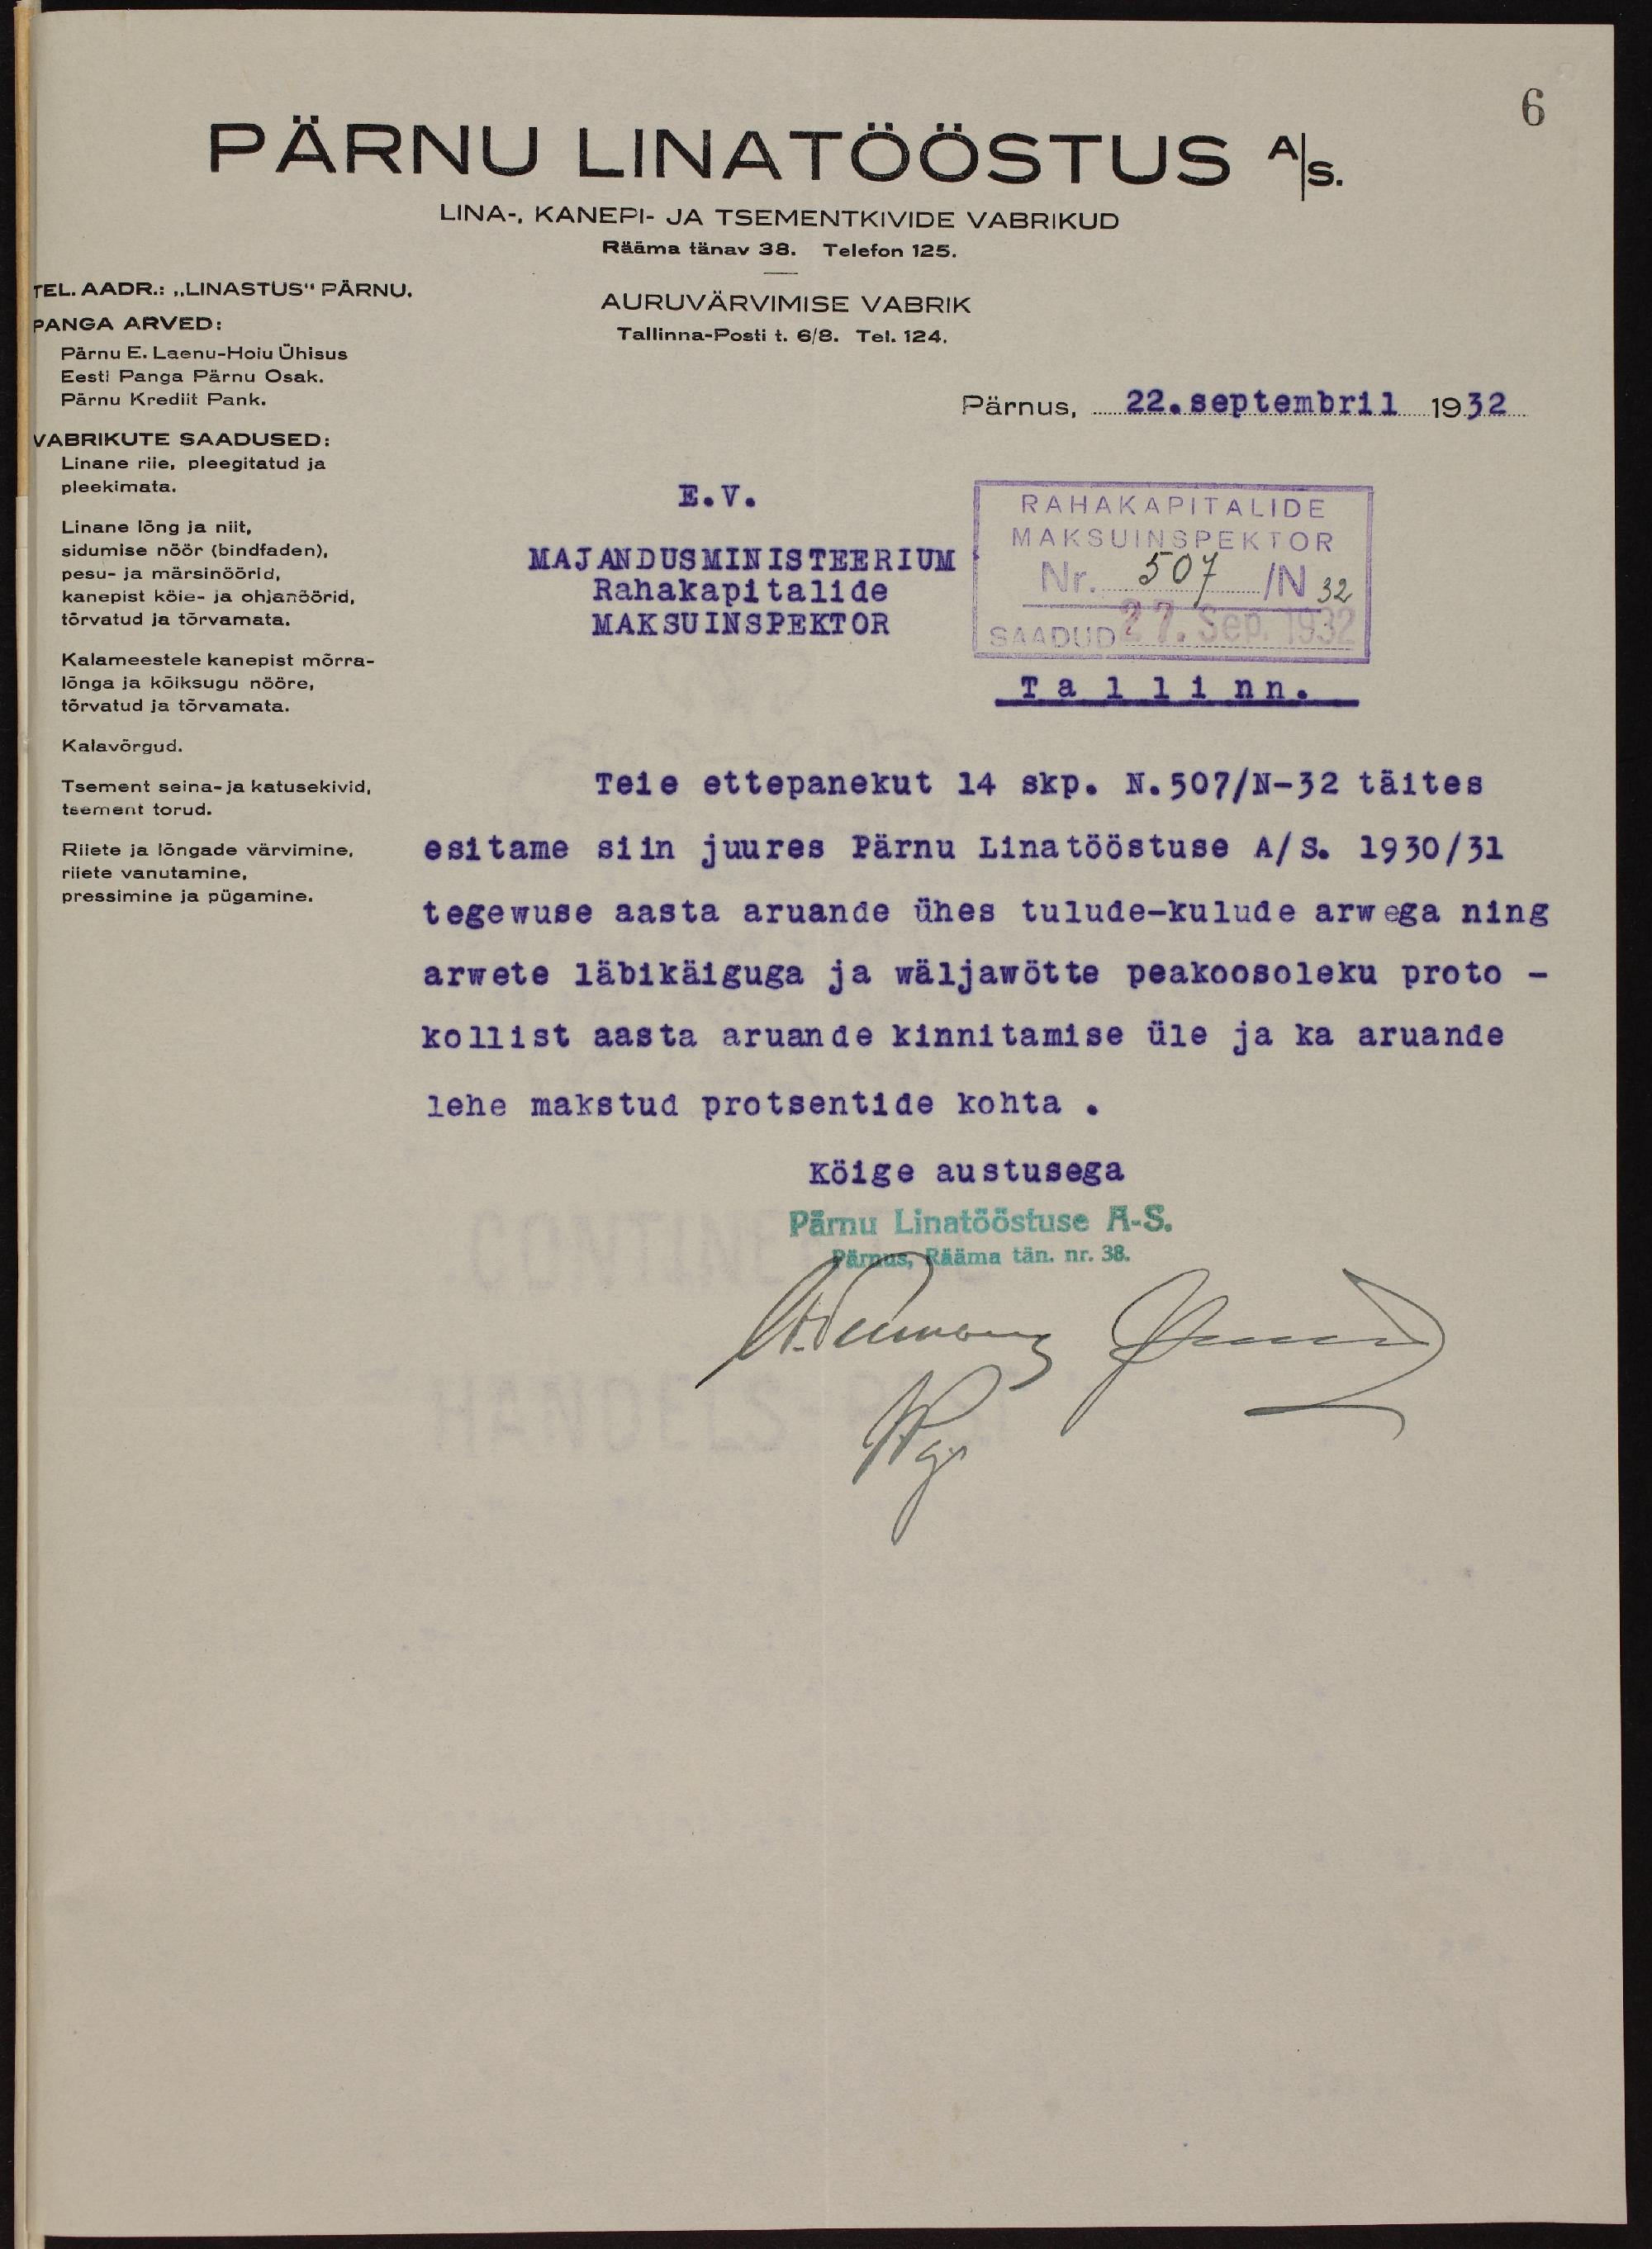 Väljavõte Pärnu Linatööstuse 1931. aasta majandusaruandest. ERA.72.2.2473